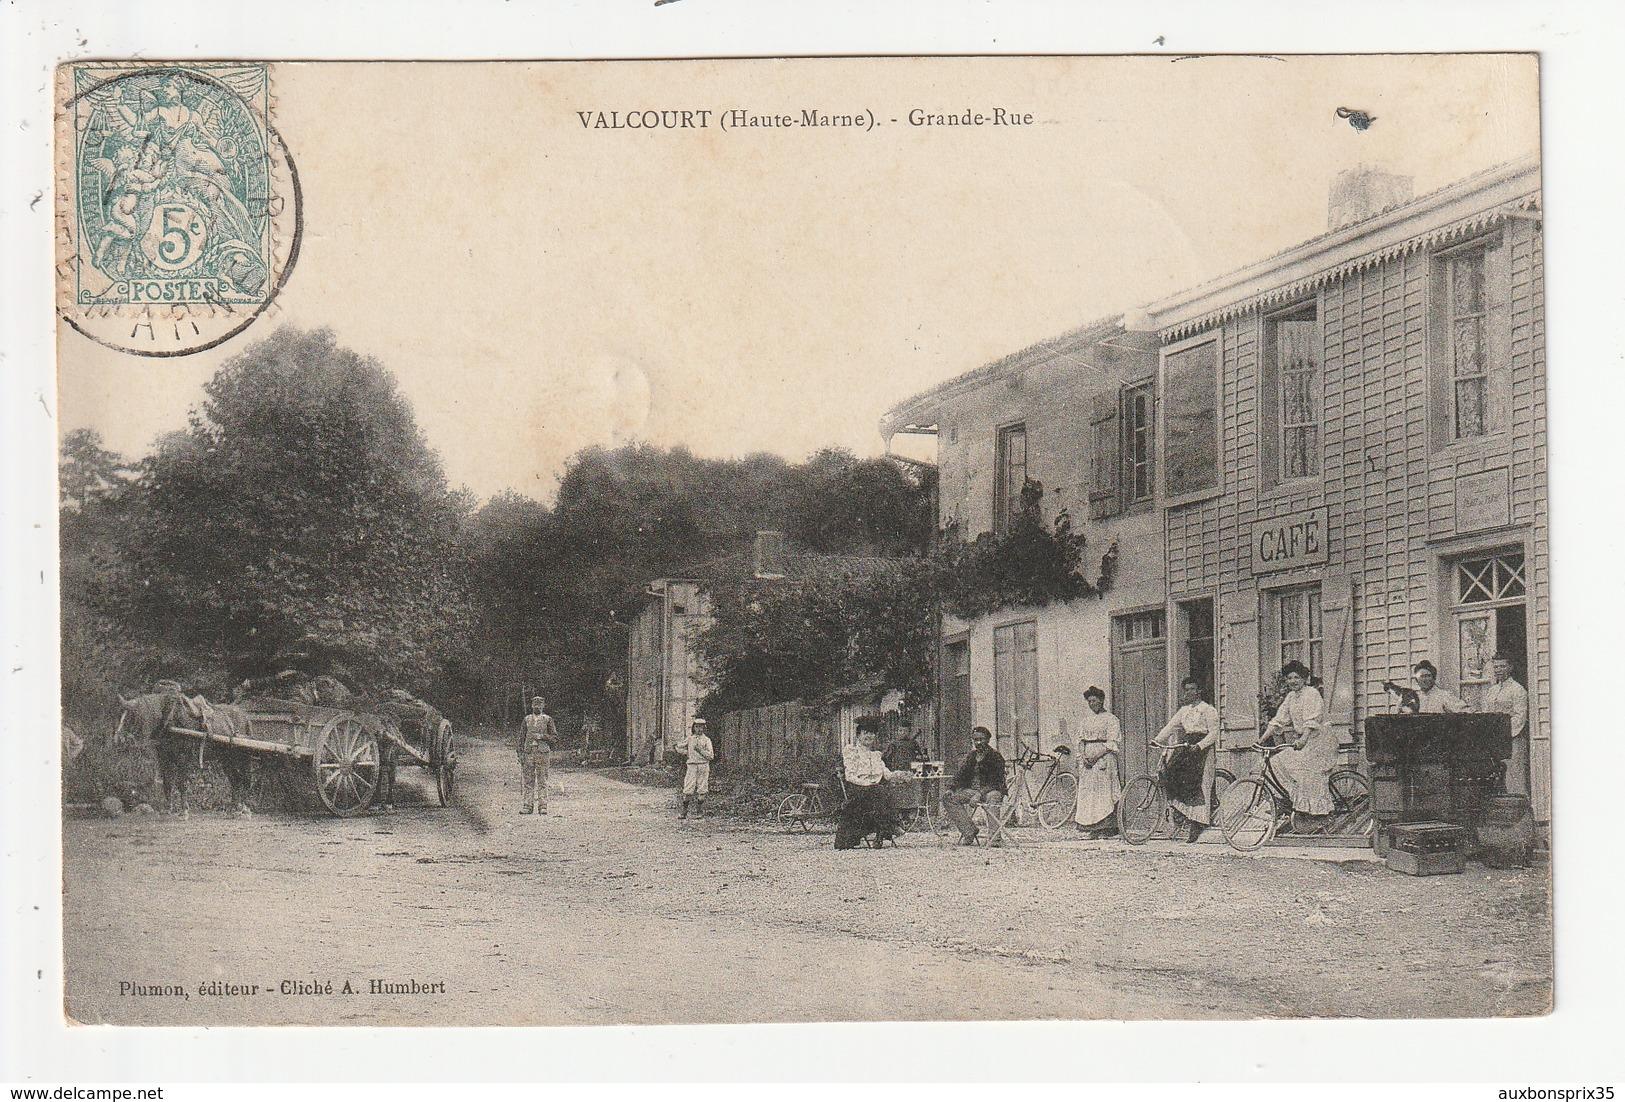 VALCOURT - GRANDE RUE - CAFE - 52 - France